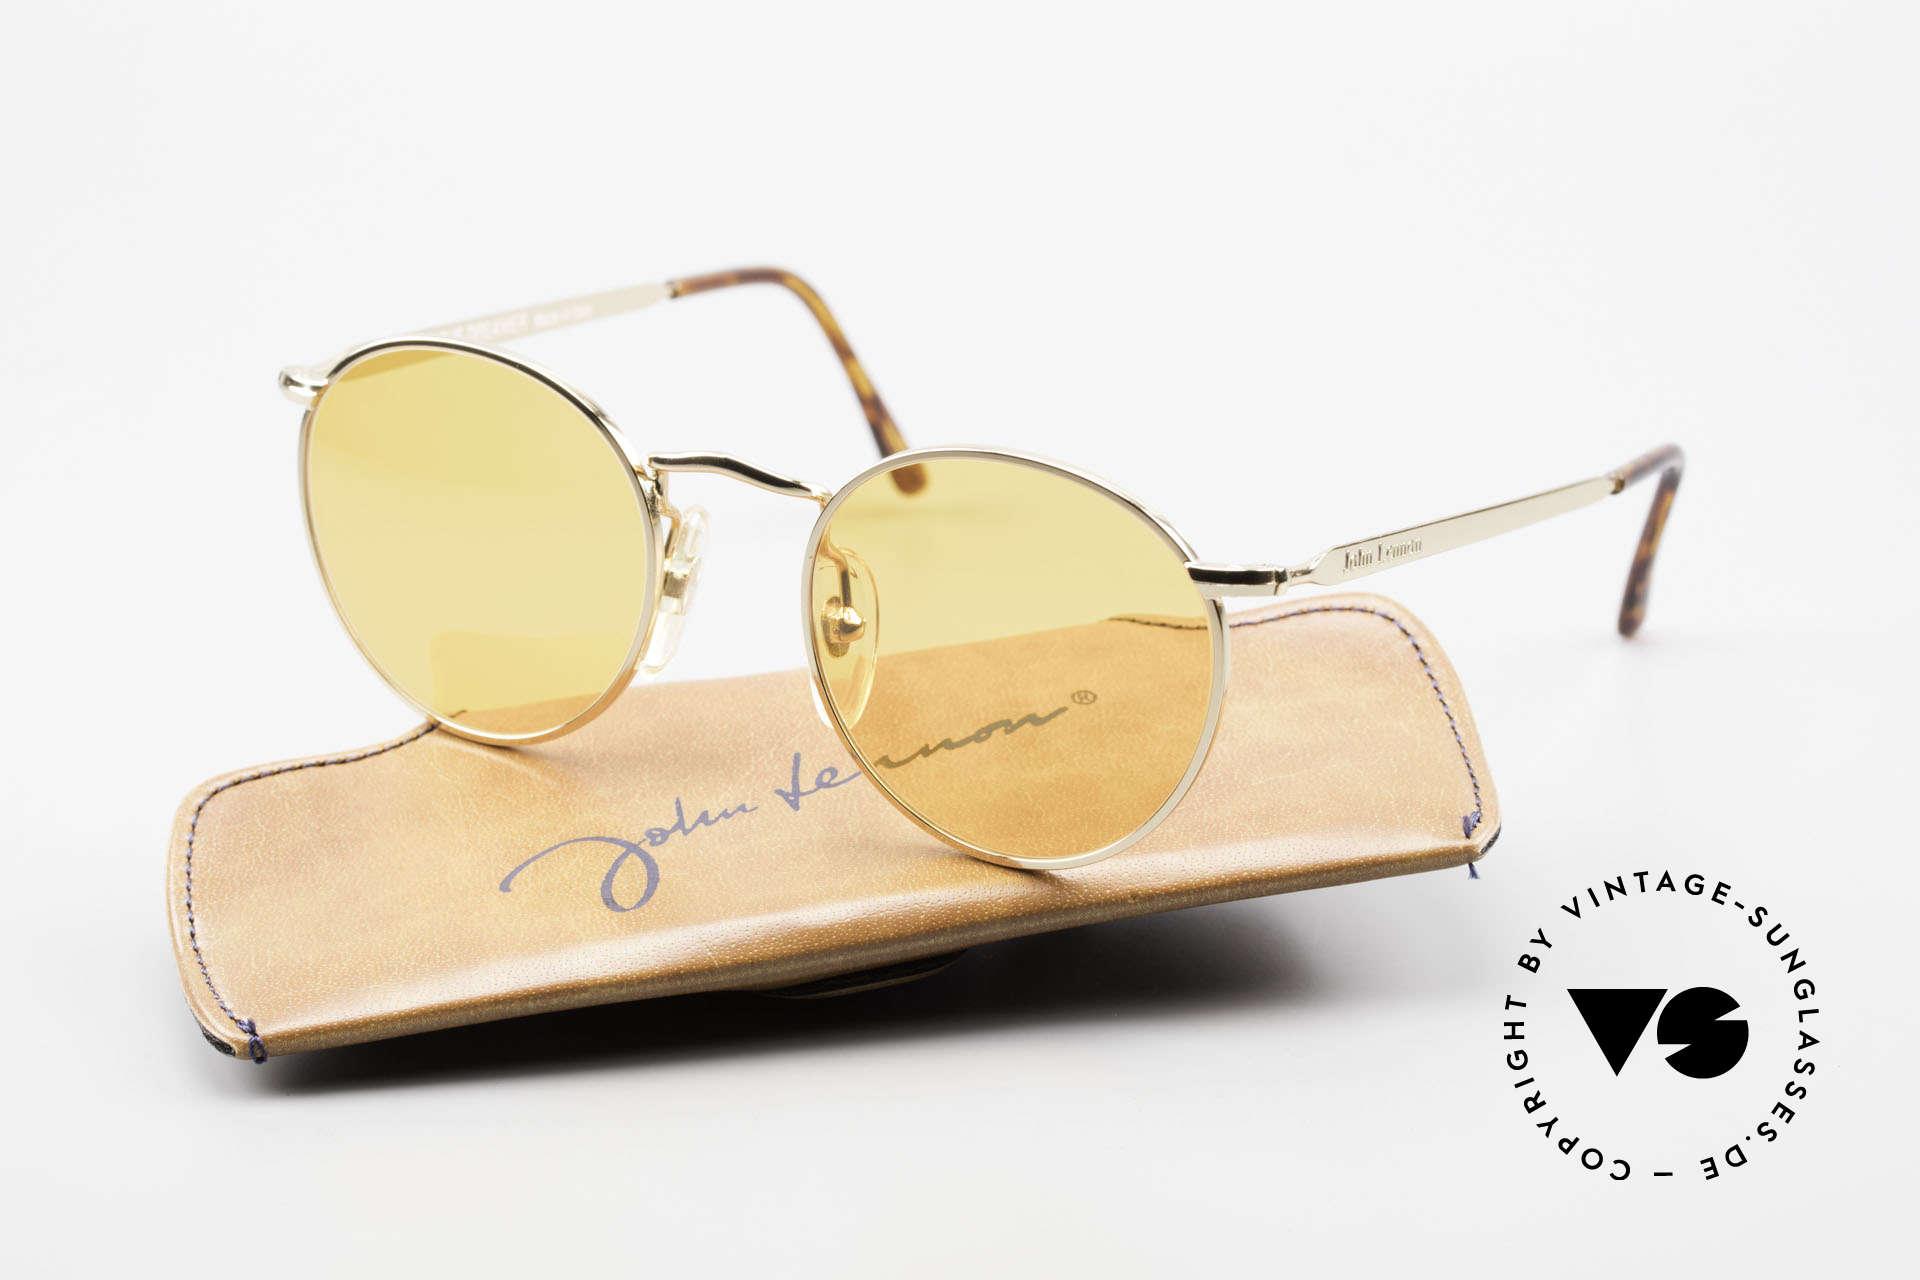 John Lennon - The Dreamer Sehr Kleine Runde Sonnenbrille, 118mm Breite = EINE SEHR KLEINE Fassung; 47mm, Passend für Herren und Damen